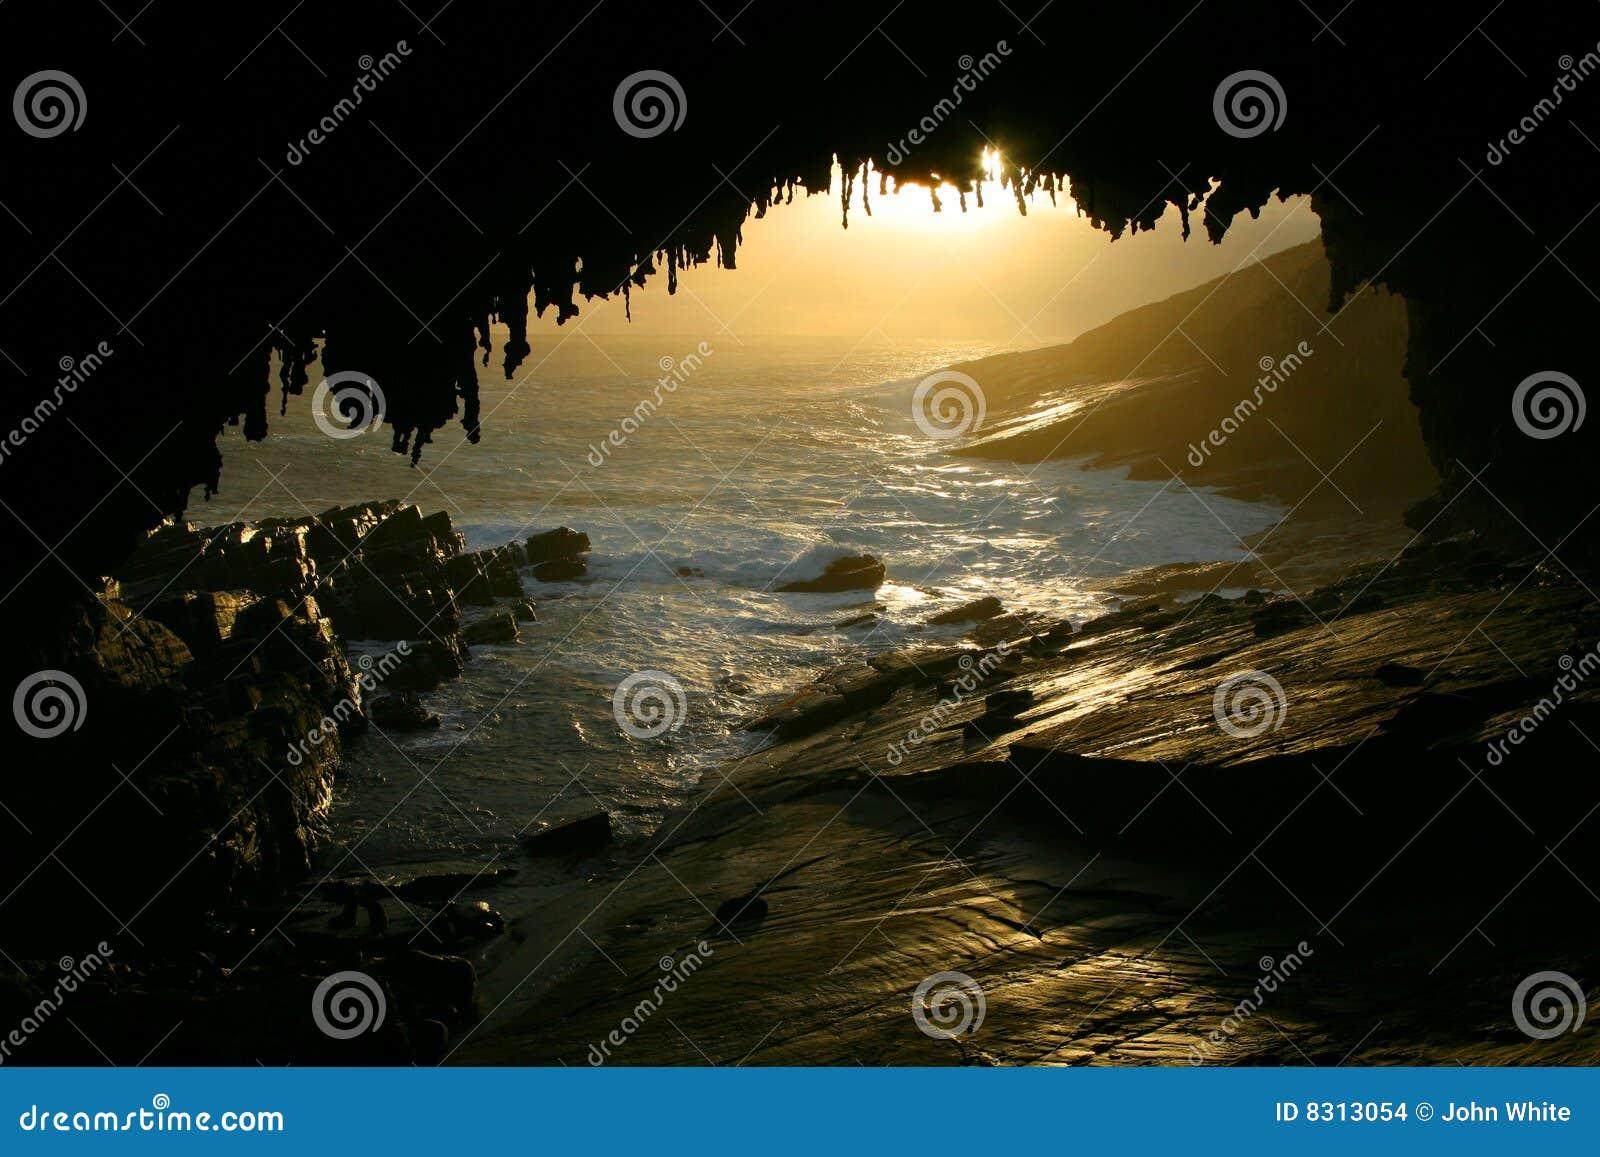 οι ναύαρχοι σχηματίζουν αψίδα το νότο καγκουρό νησιών της Αυστραλίας